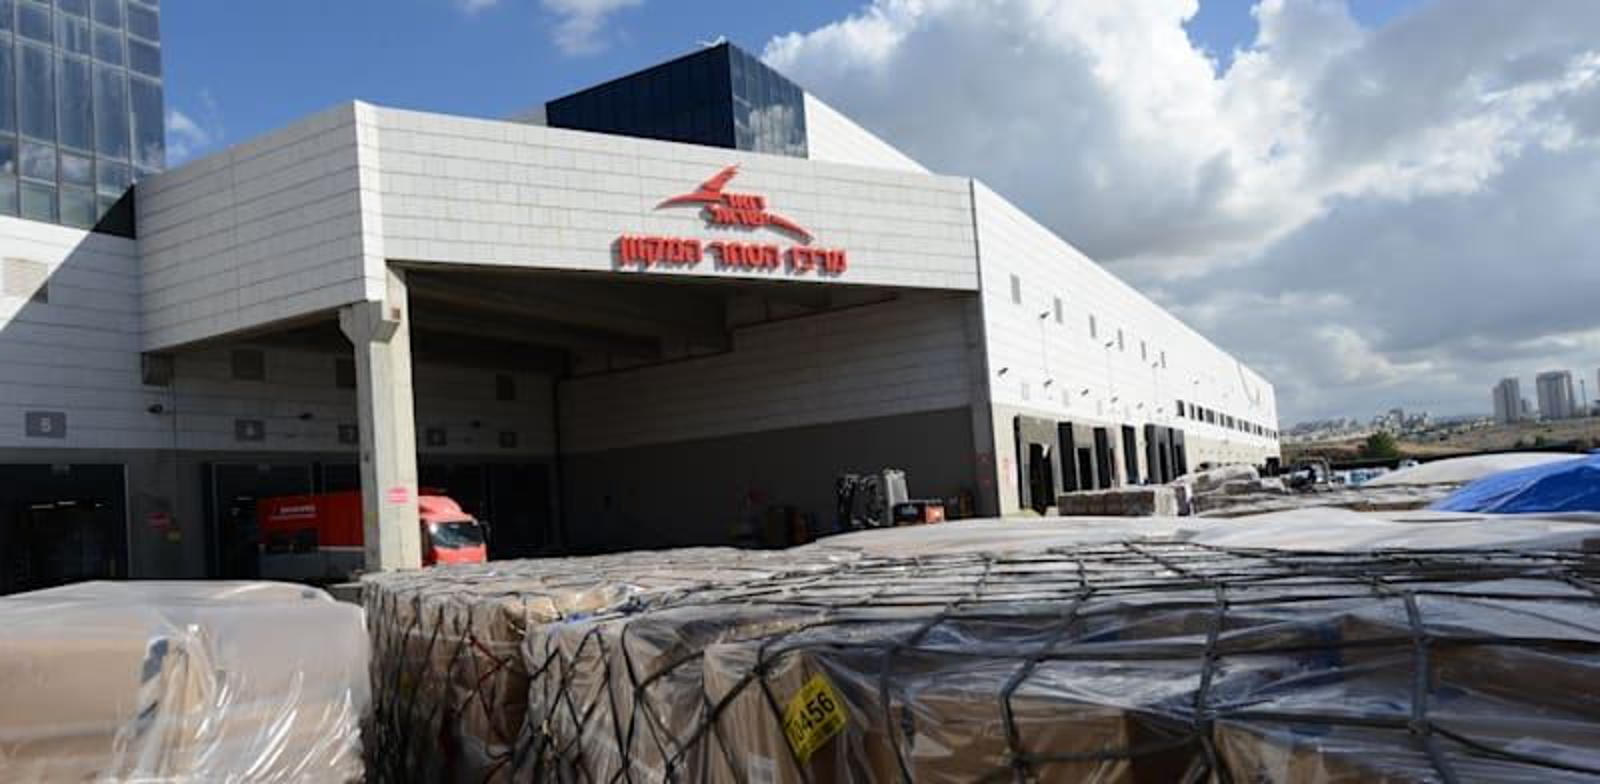 מרכז המיון הארצי של דואר ישראל / צילום: איל יצהר